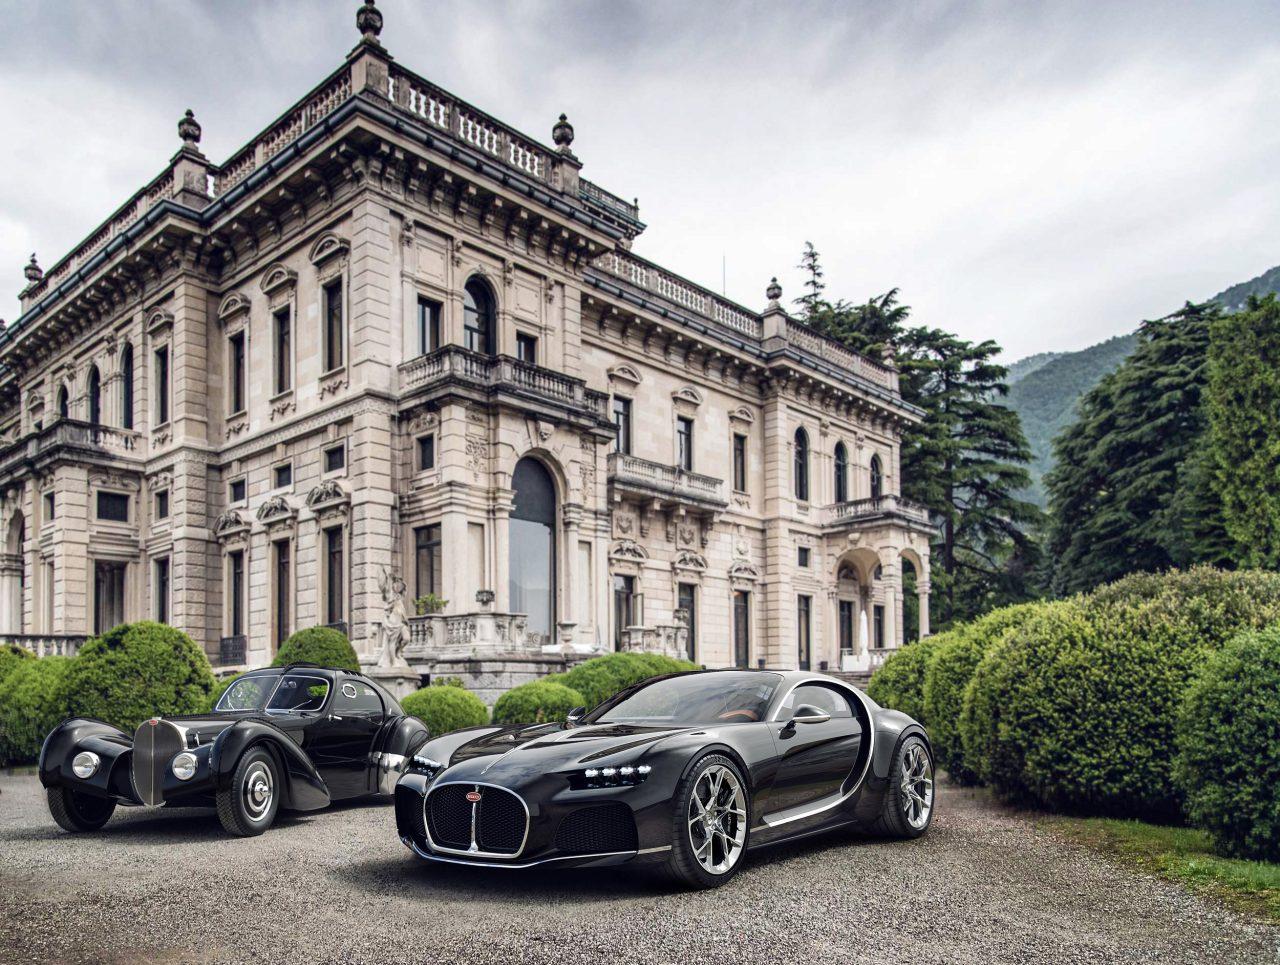 2015-bugatti-atlantic-official-7